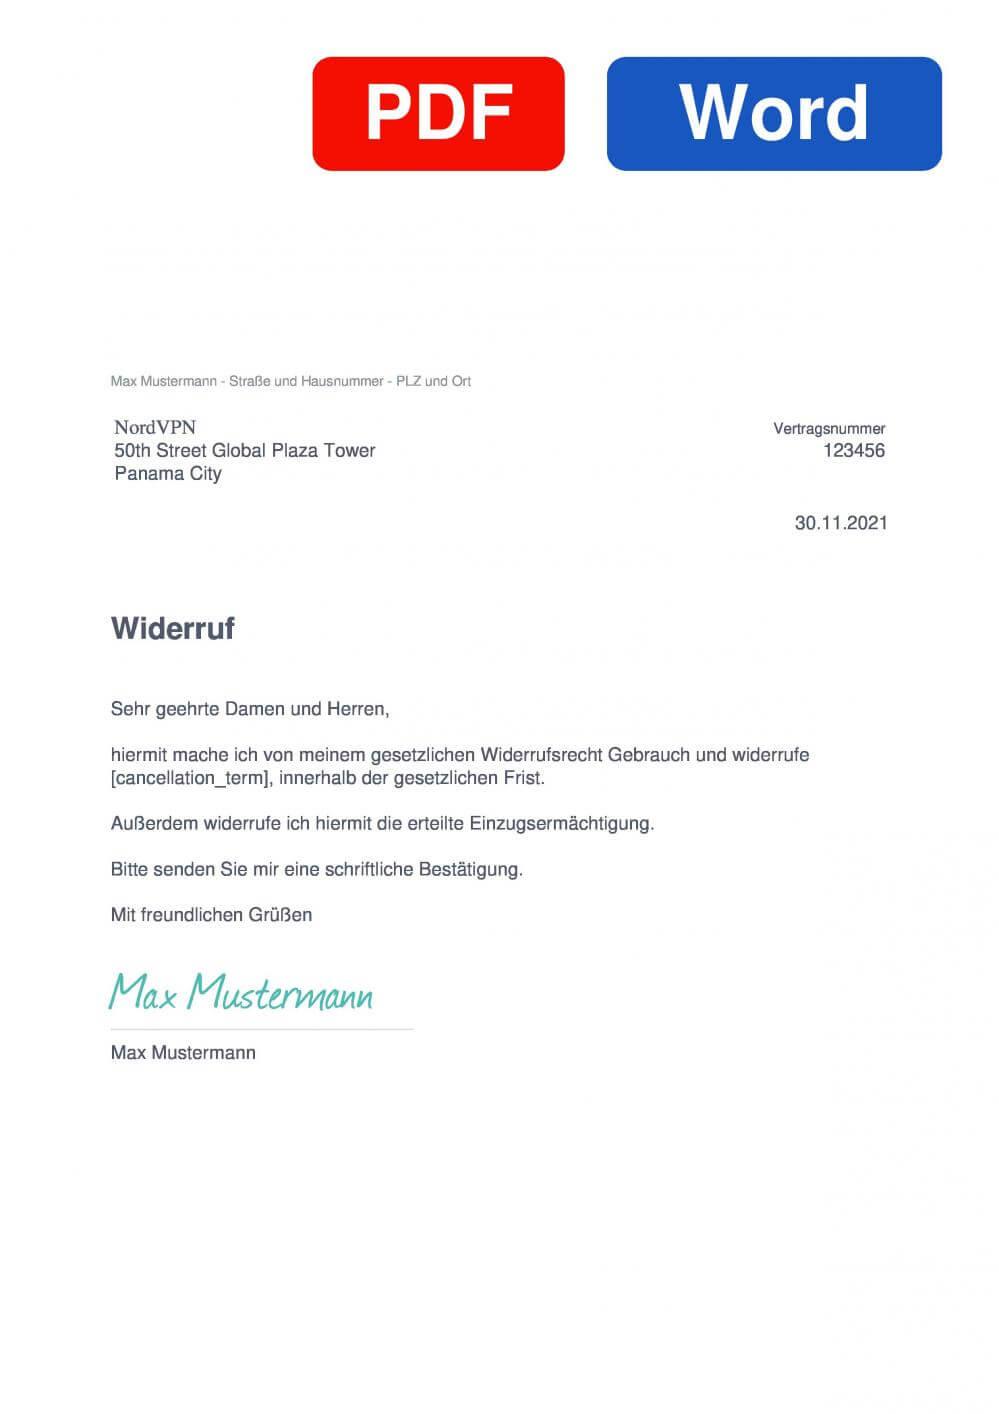 NordVPN Muster Vorlage für Wiederrufsschreiben